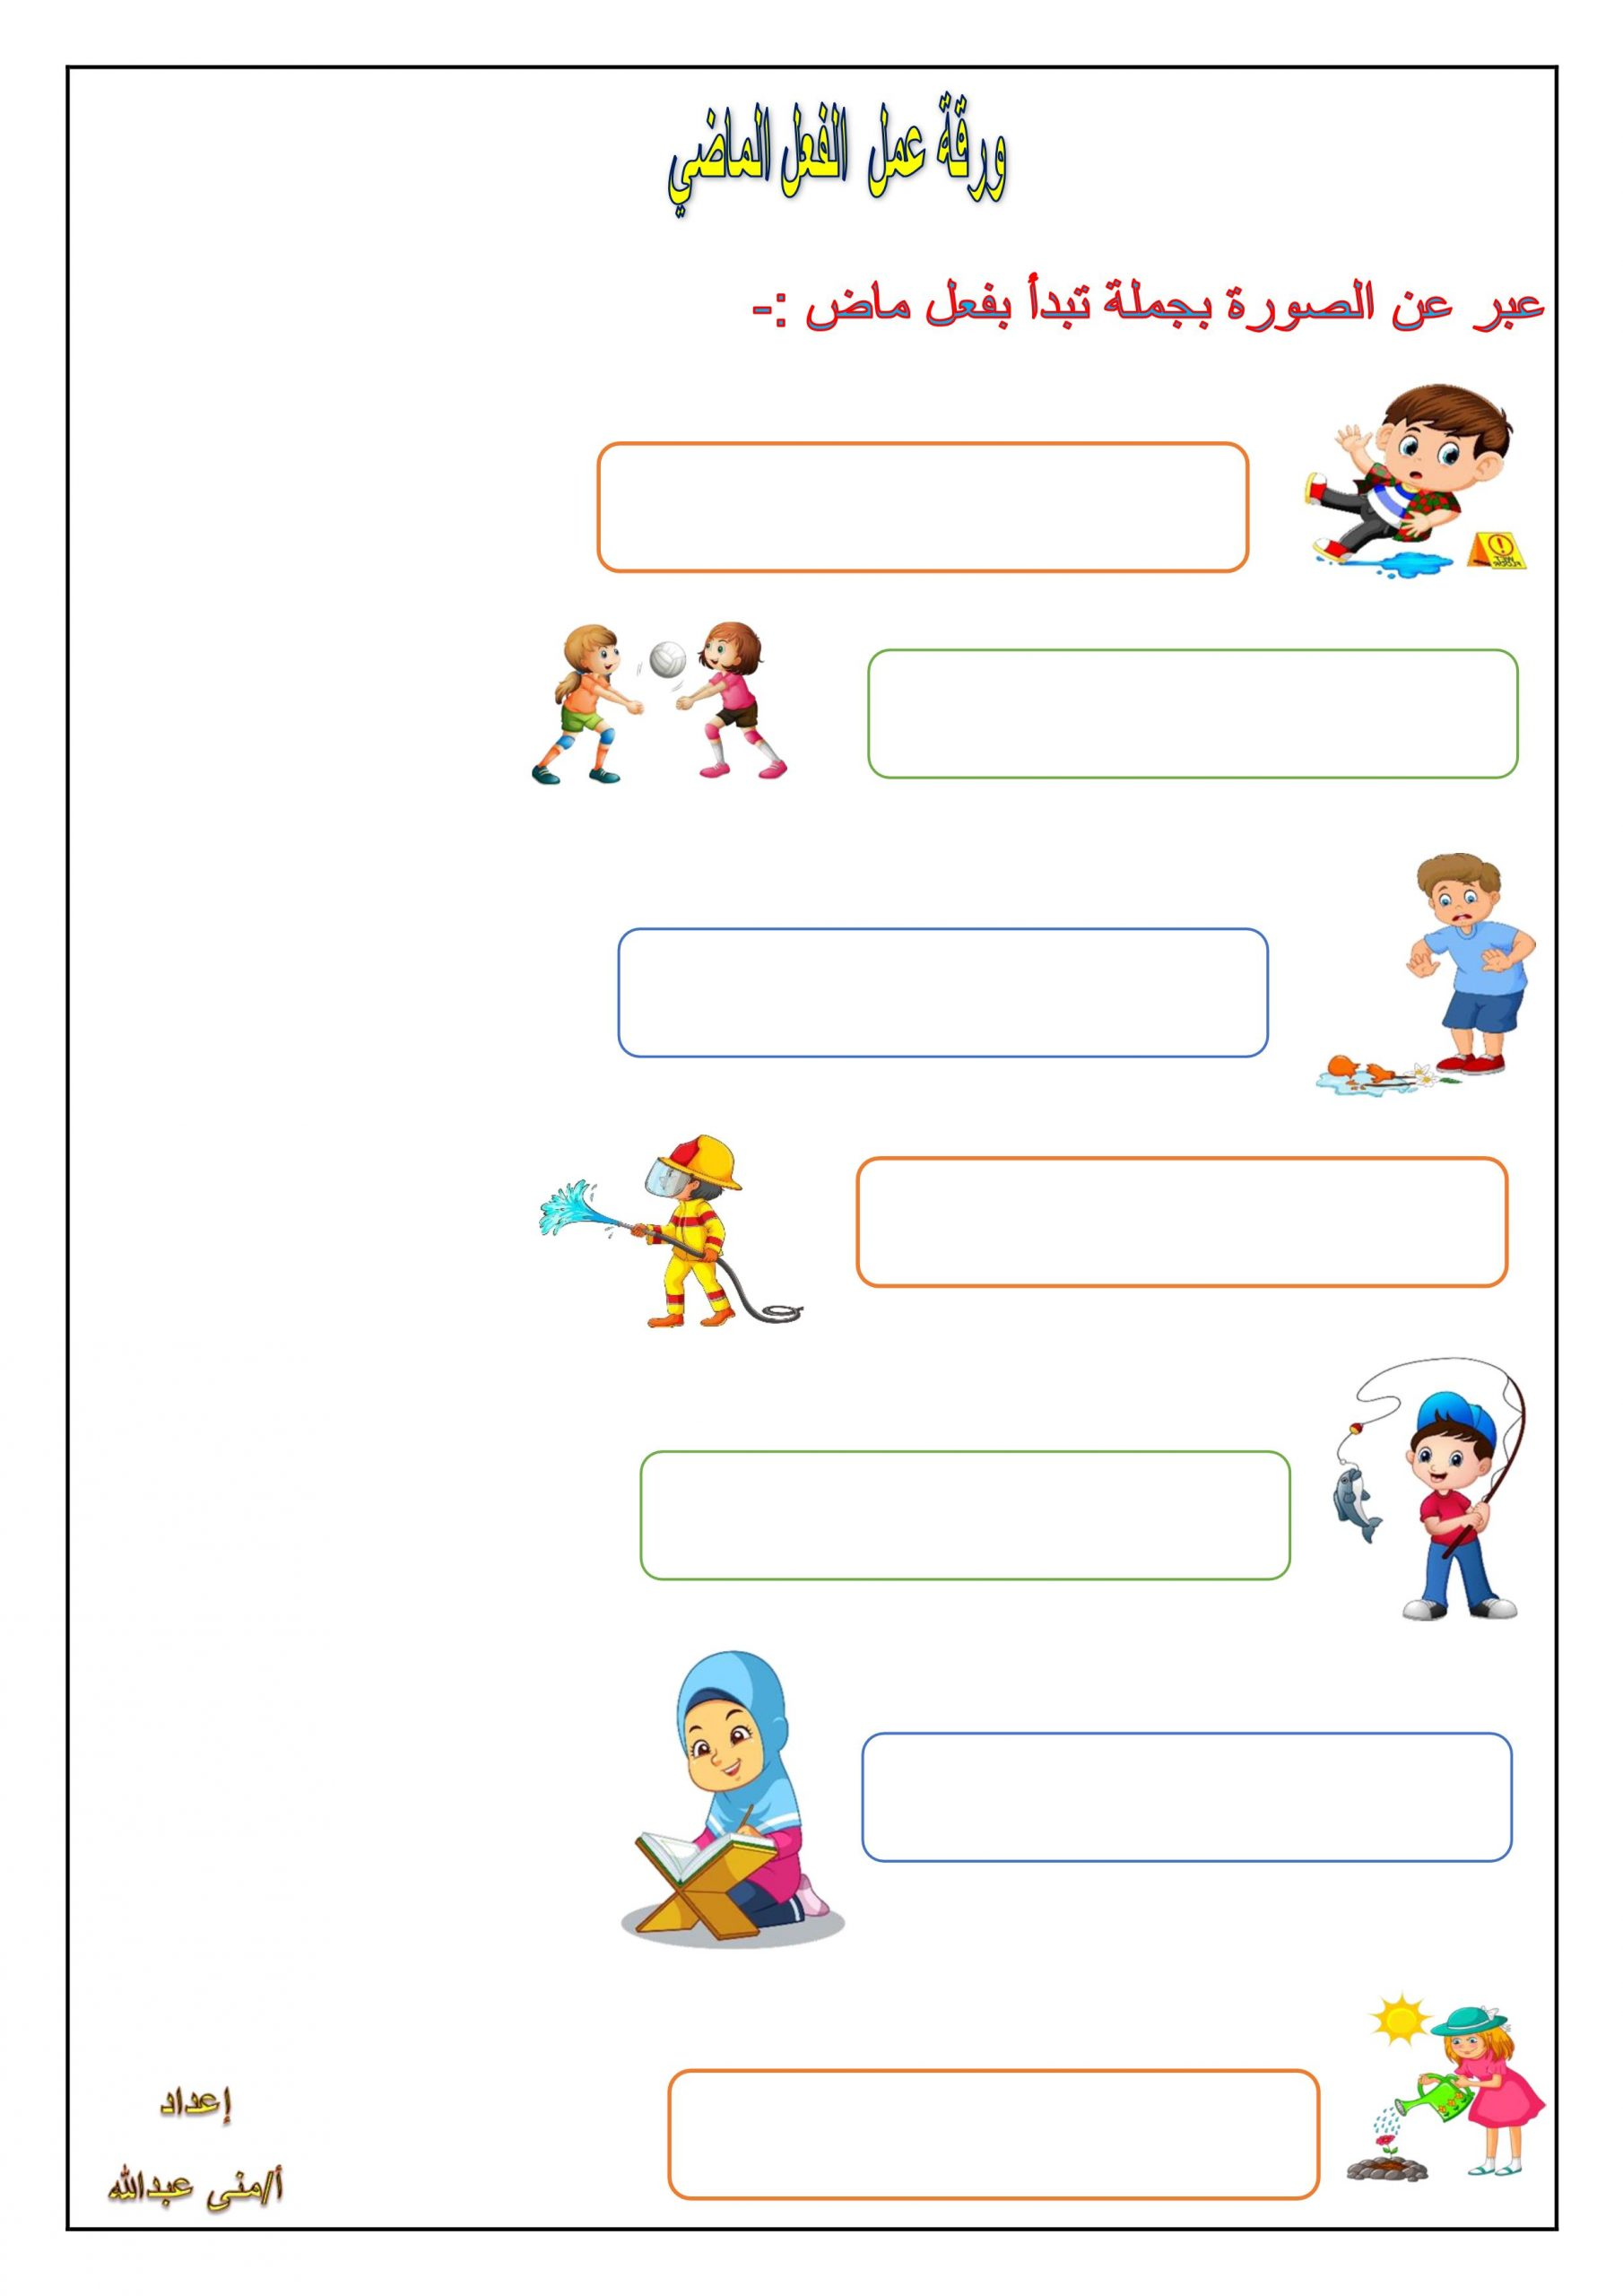 ورقة عمل عبر عن الصورة الفعل الماضي للصف الاول مادة اللغة العربية